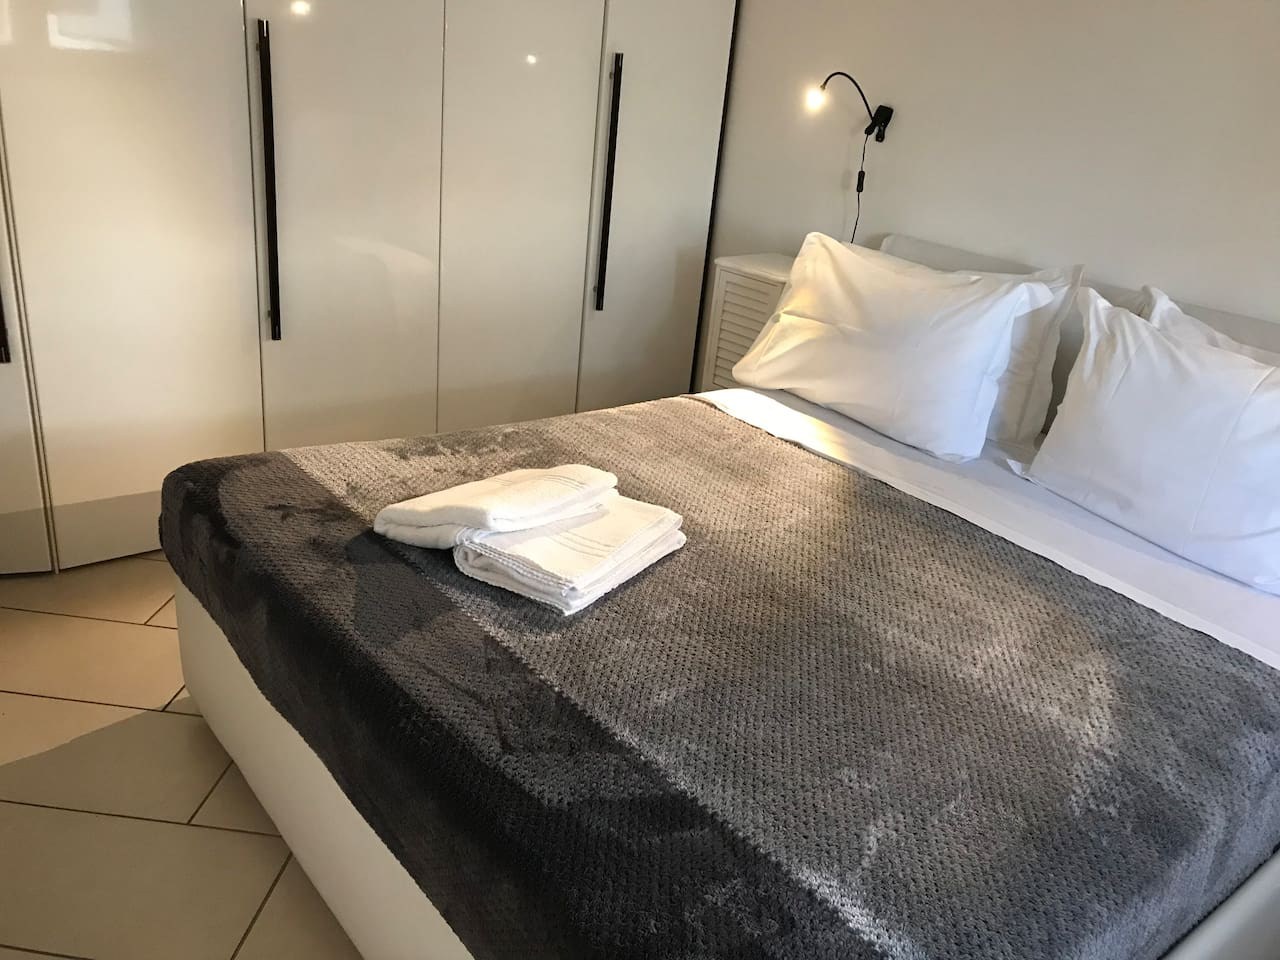 Camera da letto/Bedroom